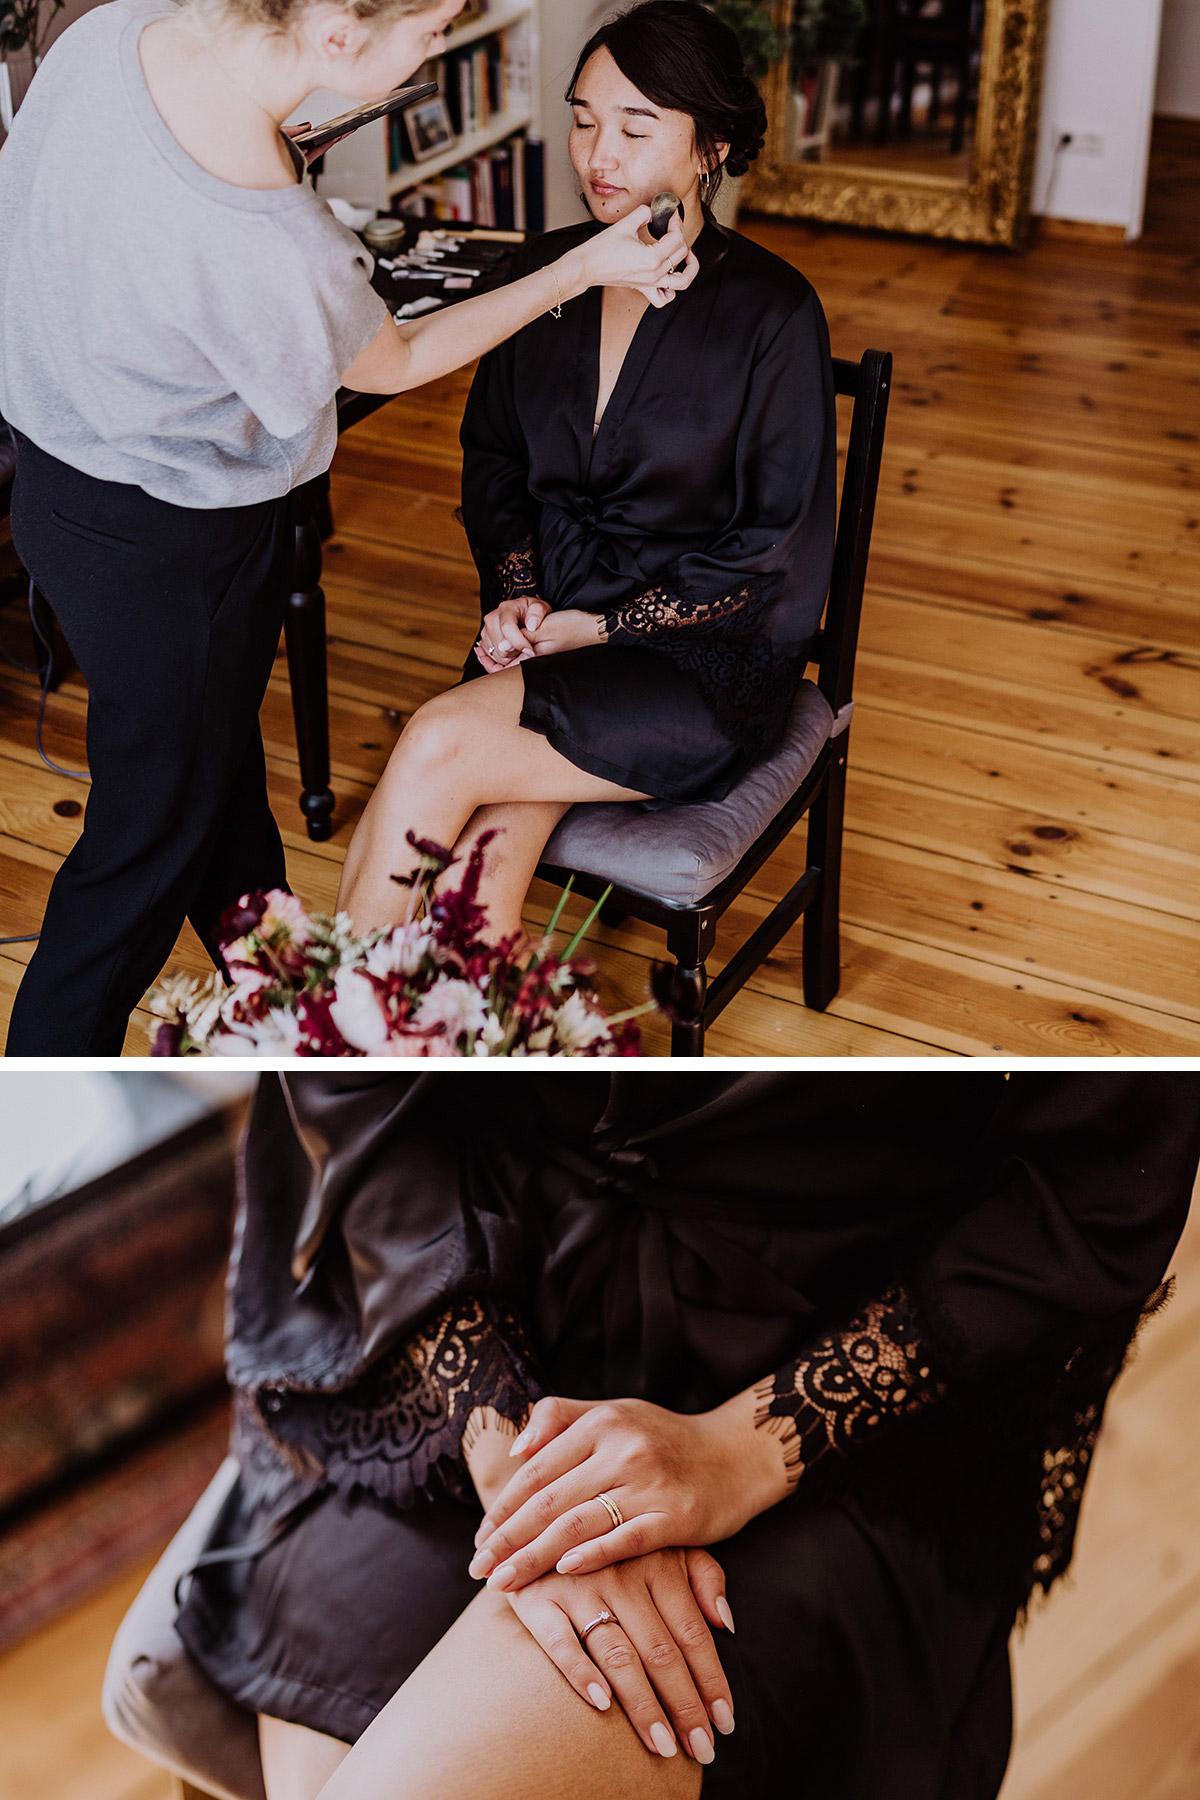 Hochzeitsfotos Braut moderne Berlinhochzeit Styling zu Hause - Standesamt Berlin Pankow Hochzeitsfotografin auf urbane DIY Gartenhochzeit in Berlin Friedrichshain #hochzeitslicht © www.hochzeitslicht.de